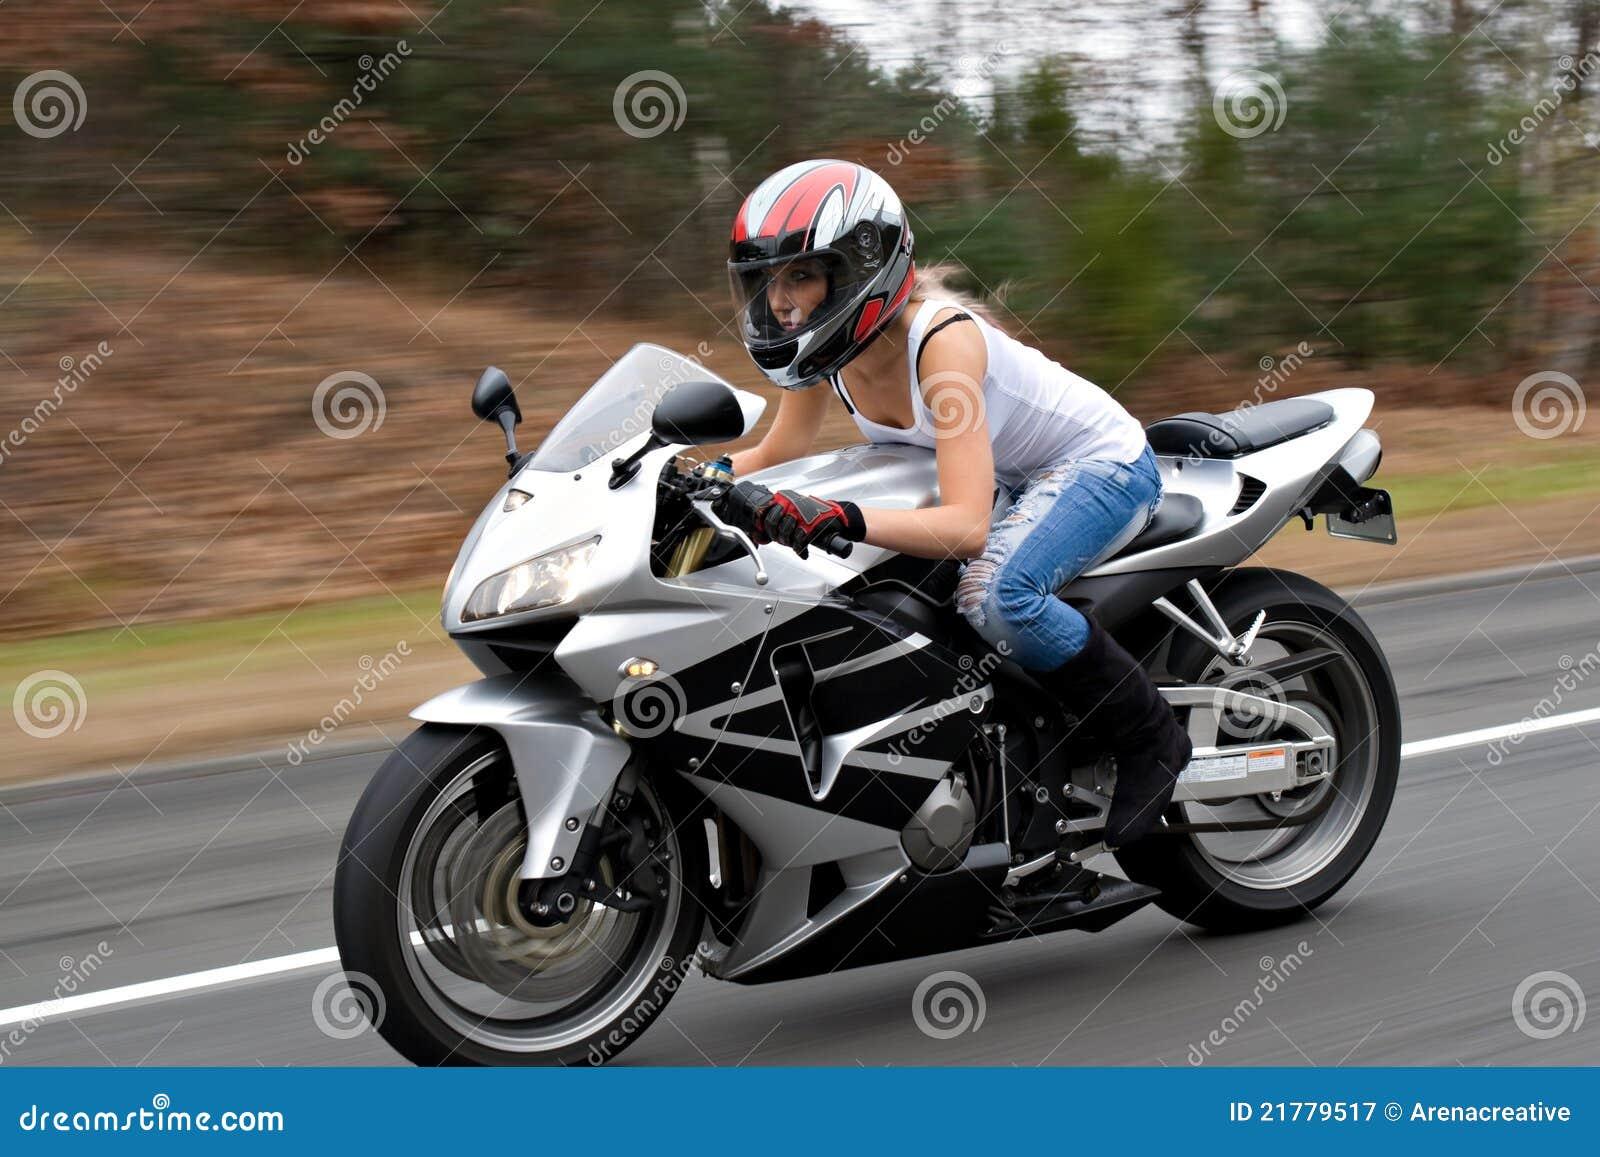 Le site de rencontre dédié aux motards!